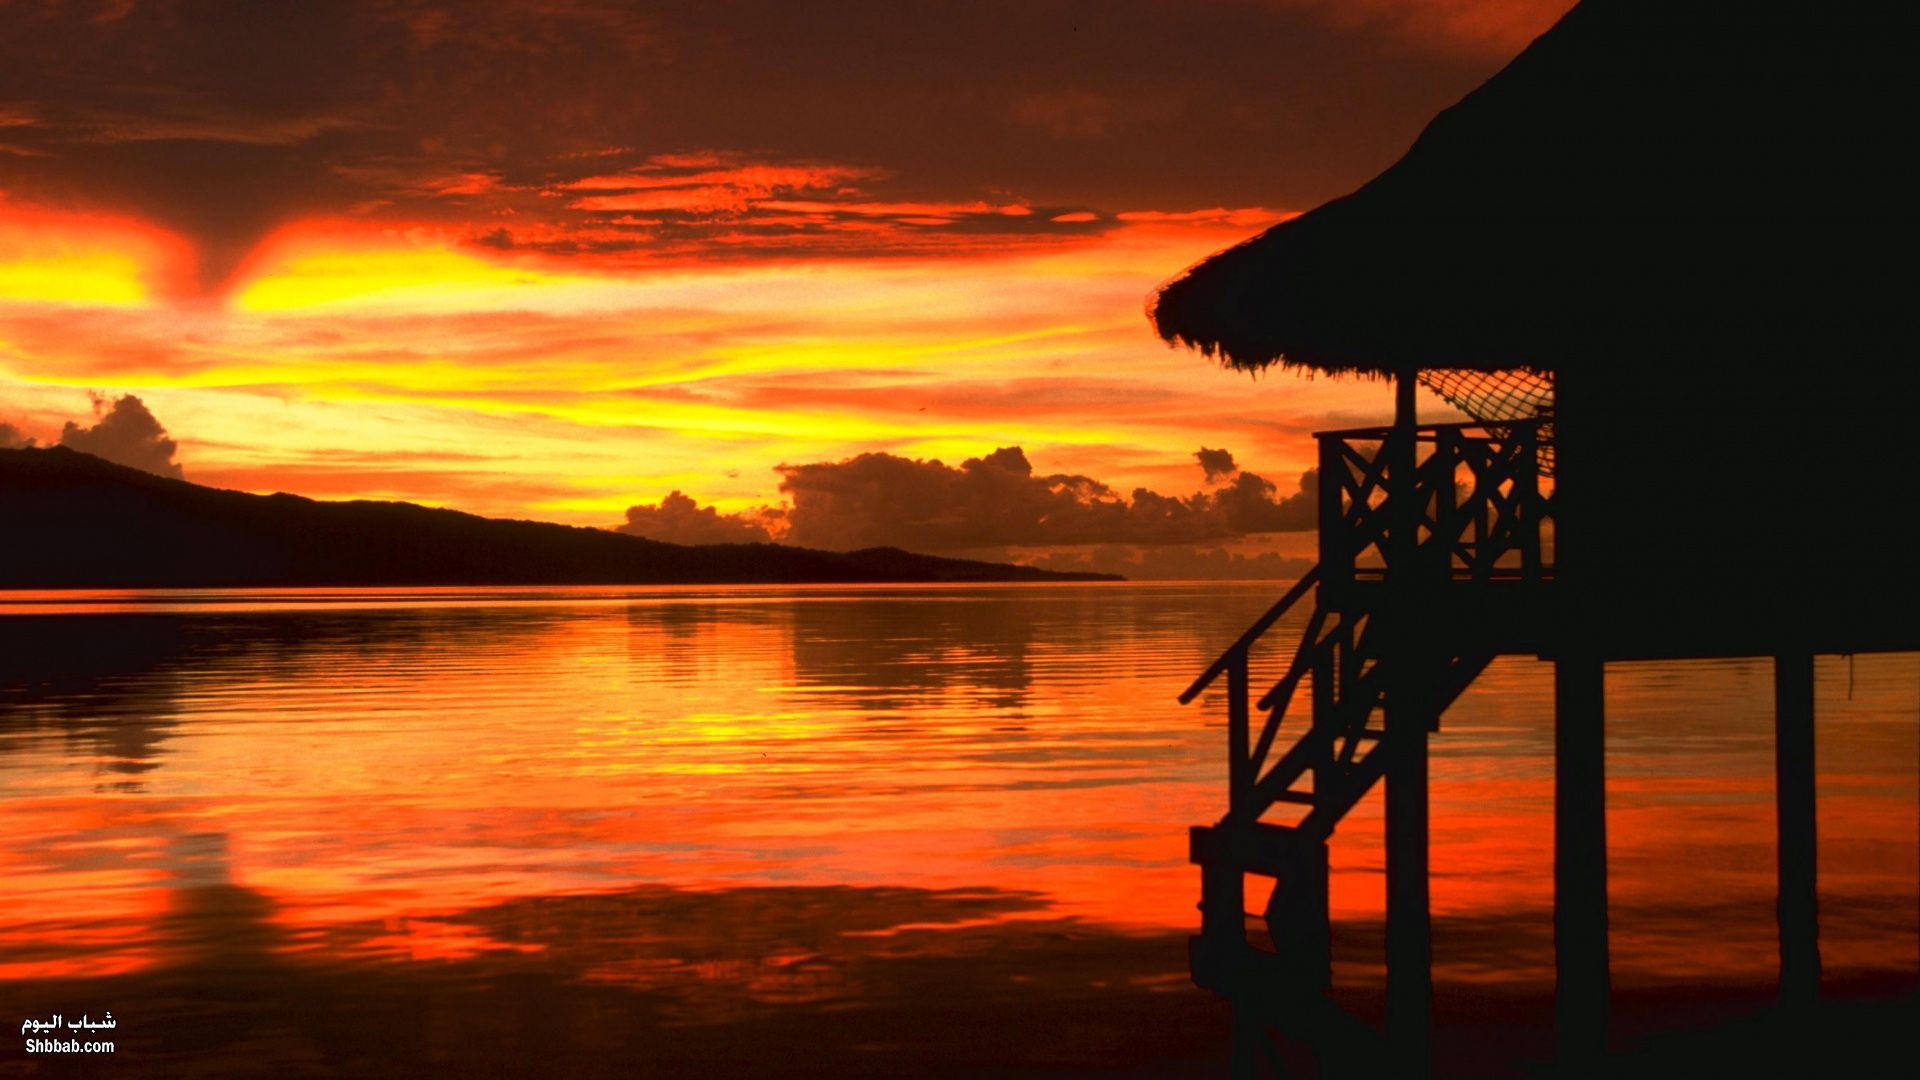 صورة غروب الشمس على شاطئ البحر , سحر الطبيعة الخلابة